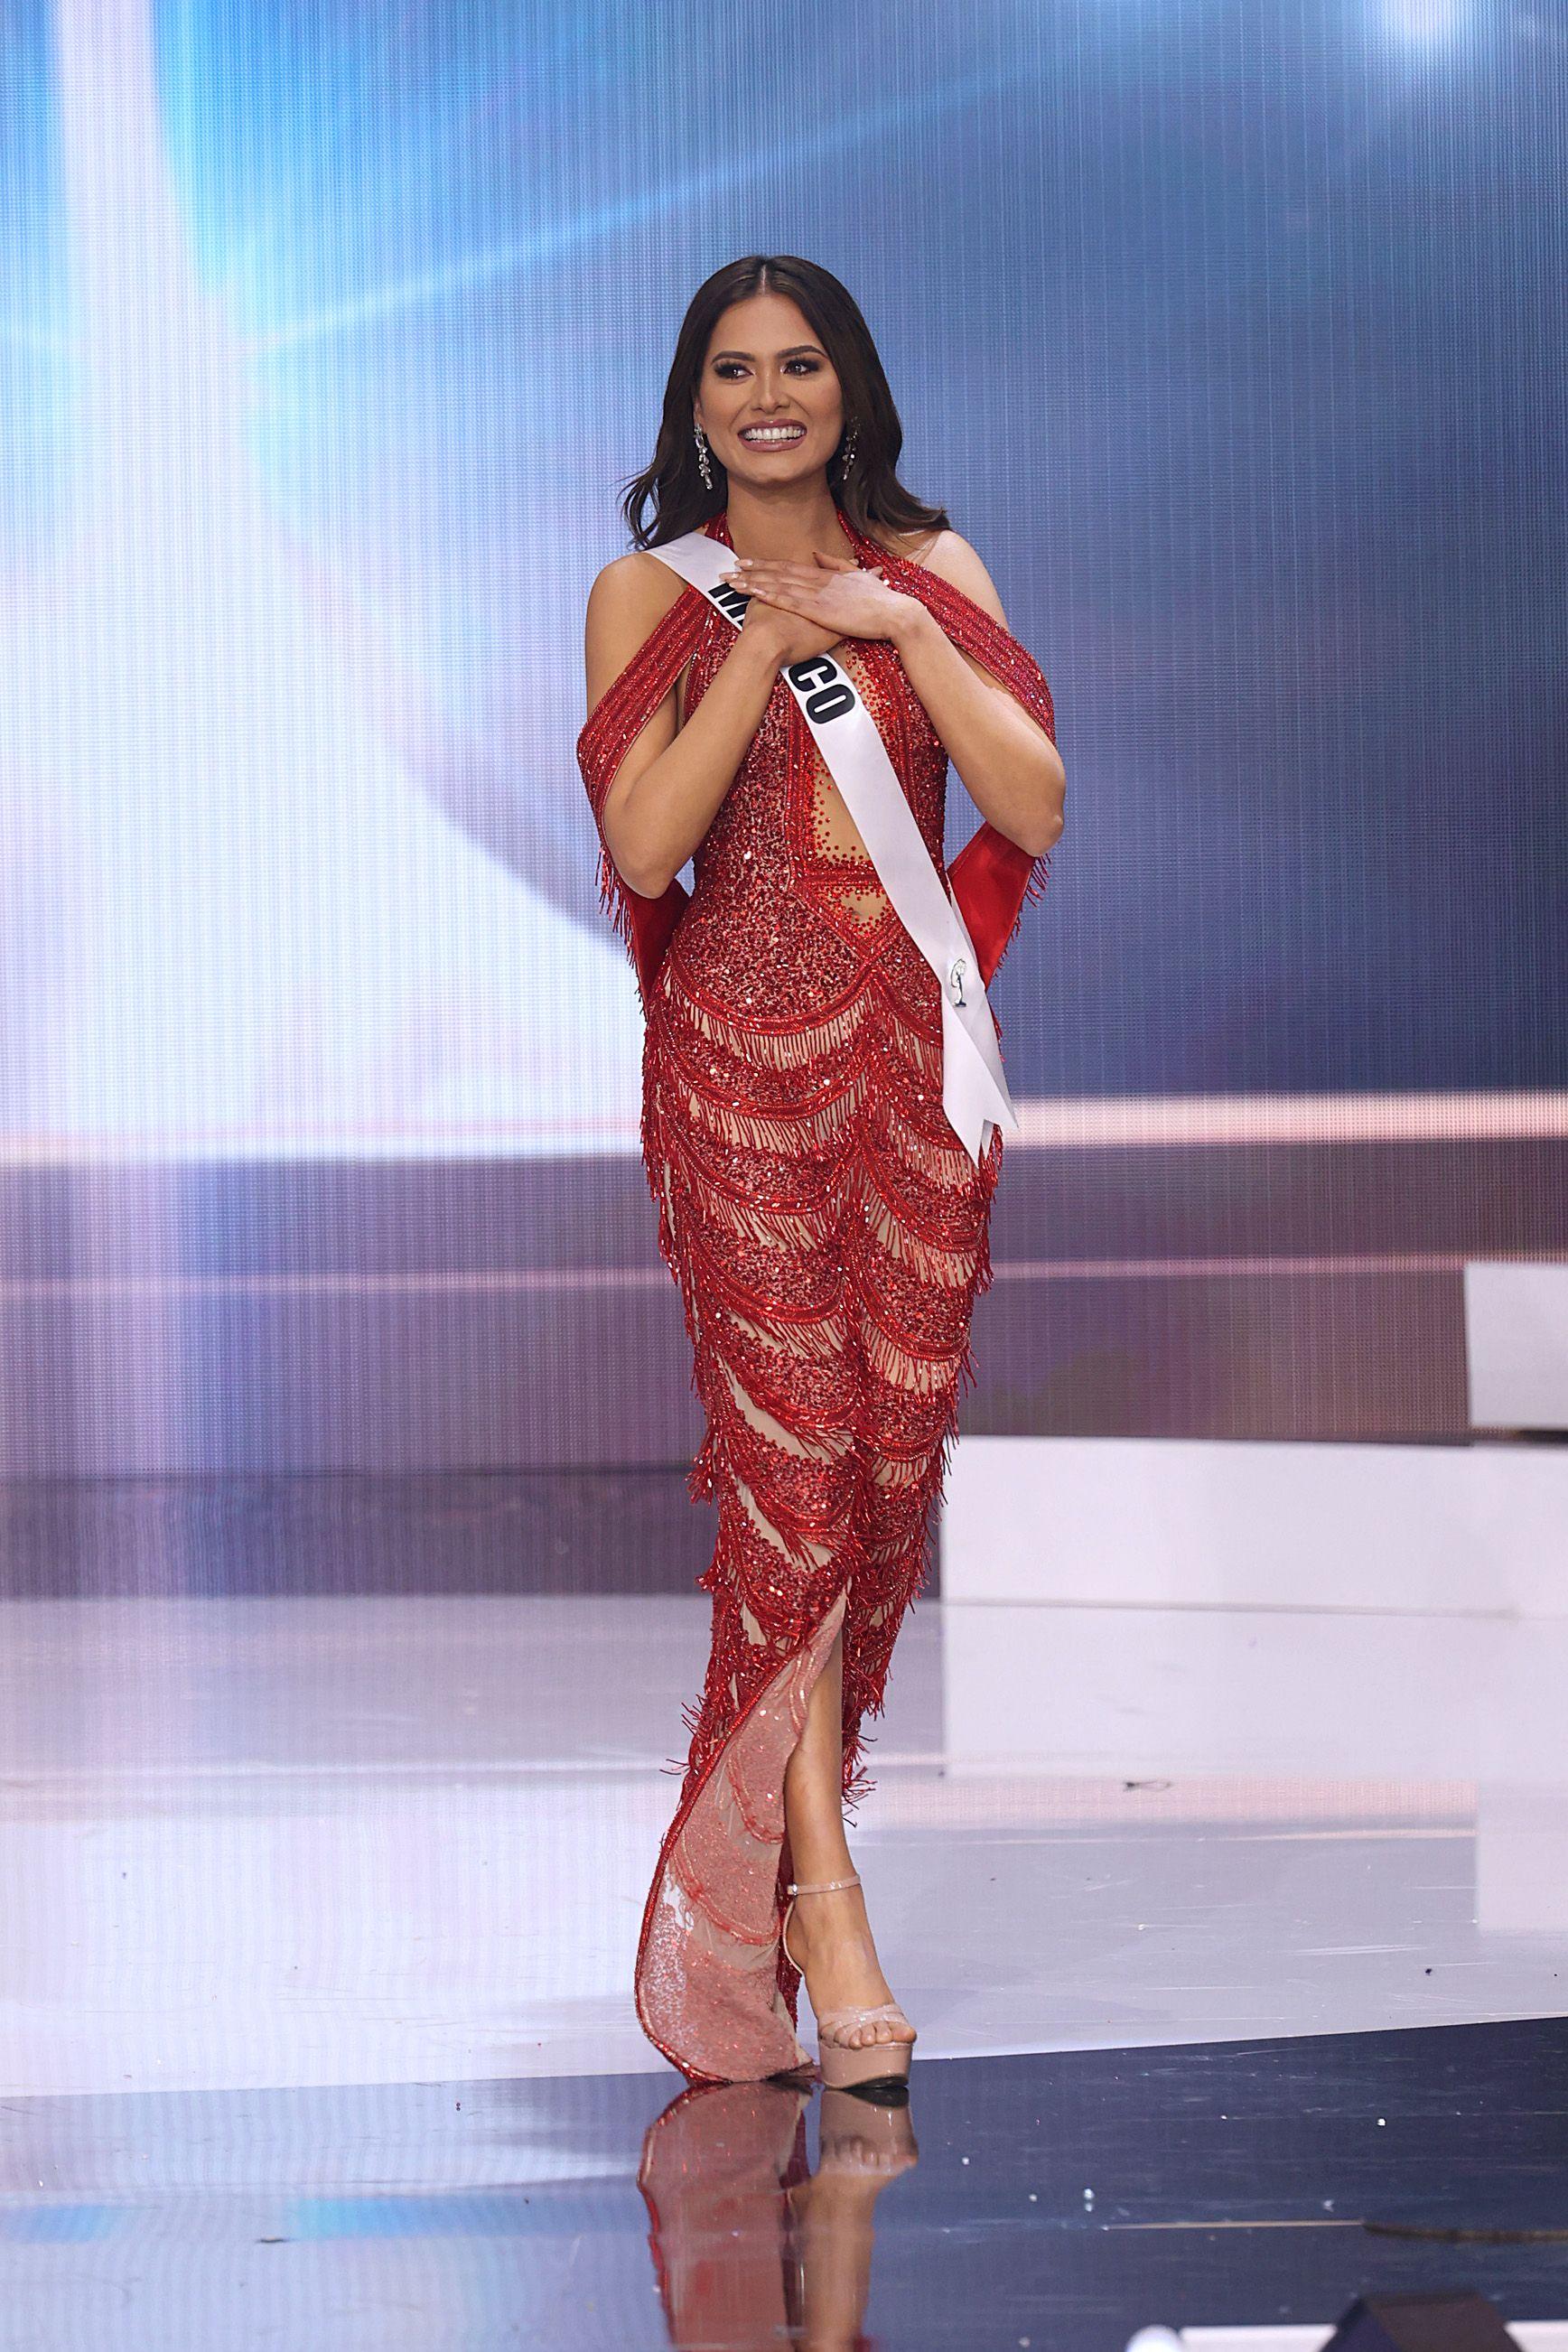 Tân Hoa hậu Hoàn vũ Andrea Meza mặc cái gì thế này? - Ảnh 3.